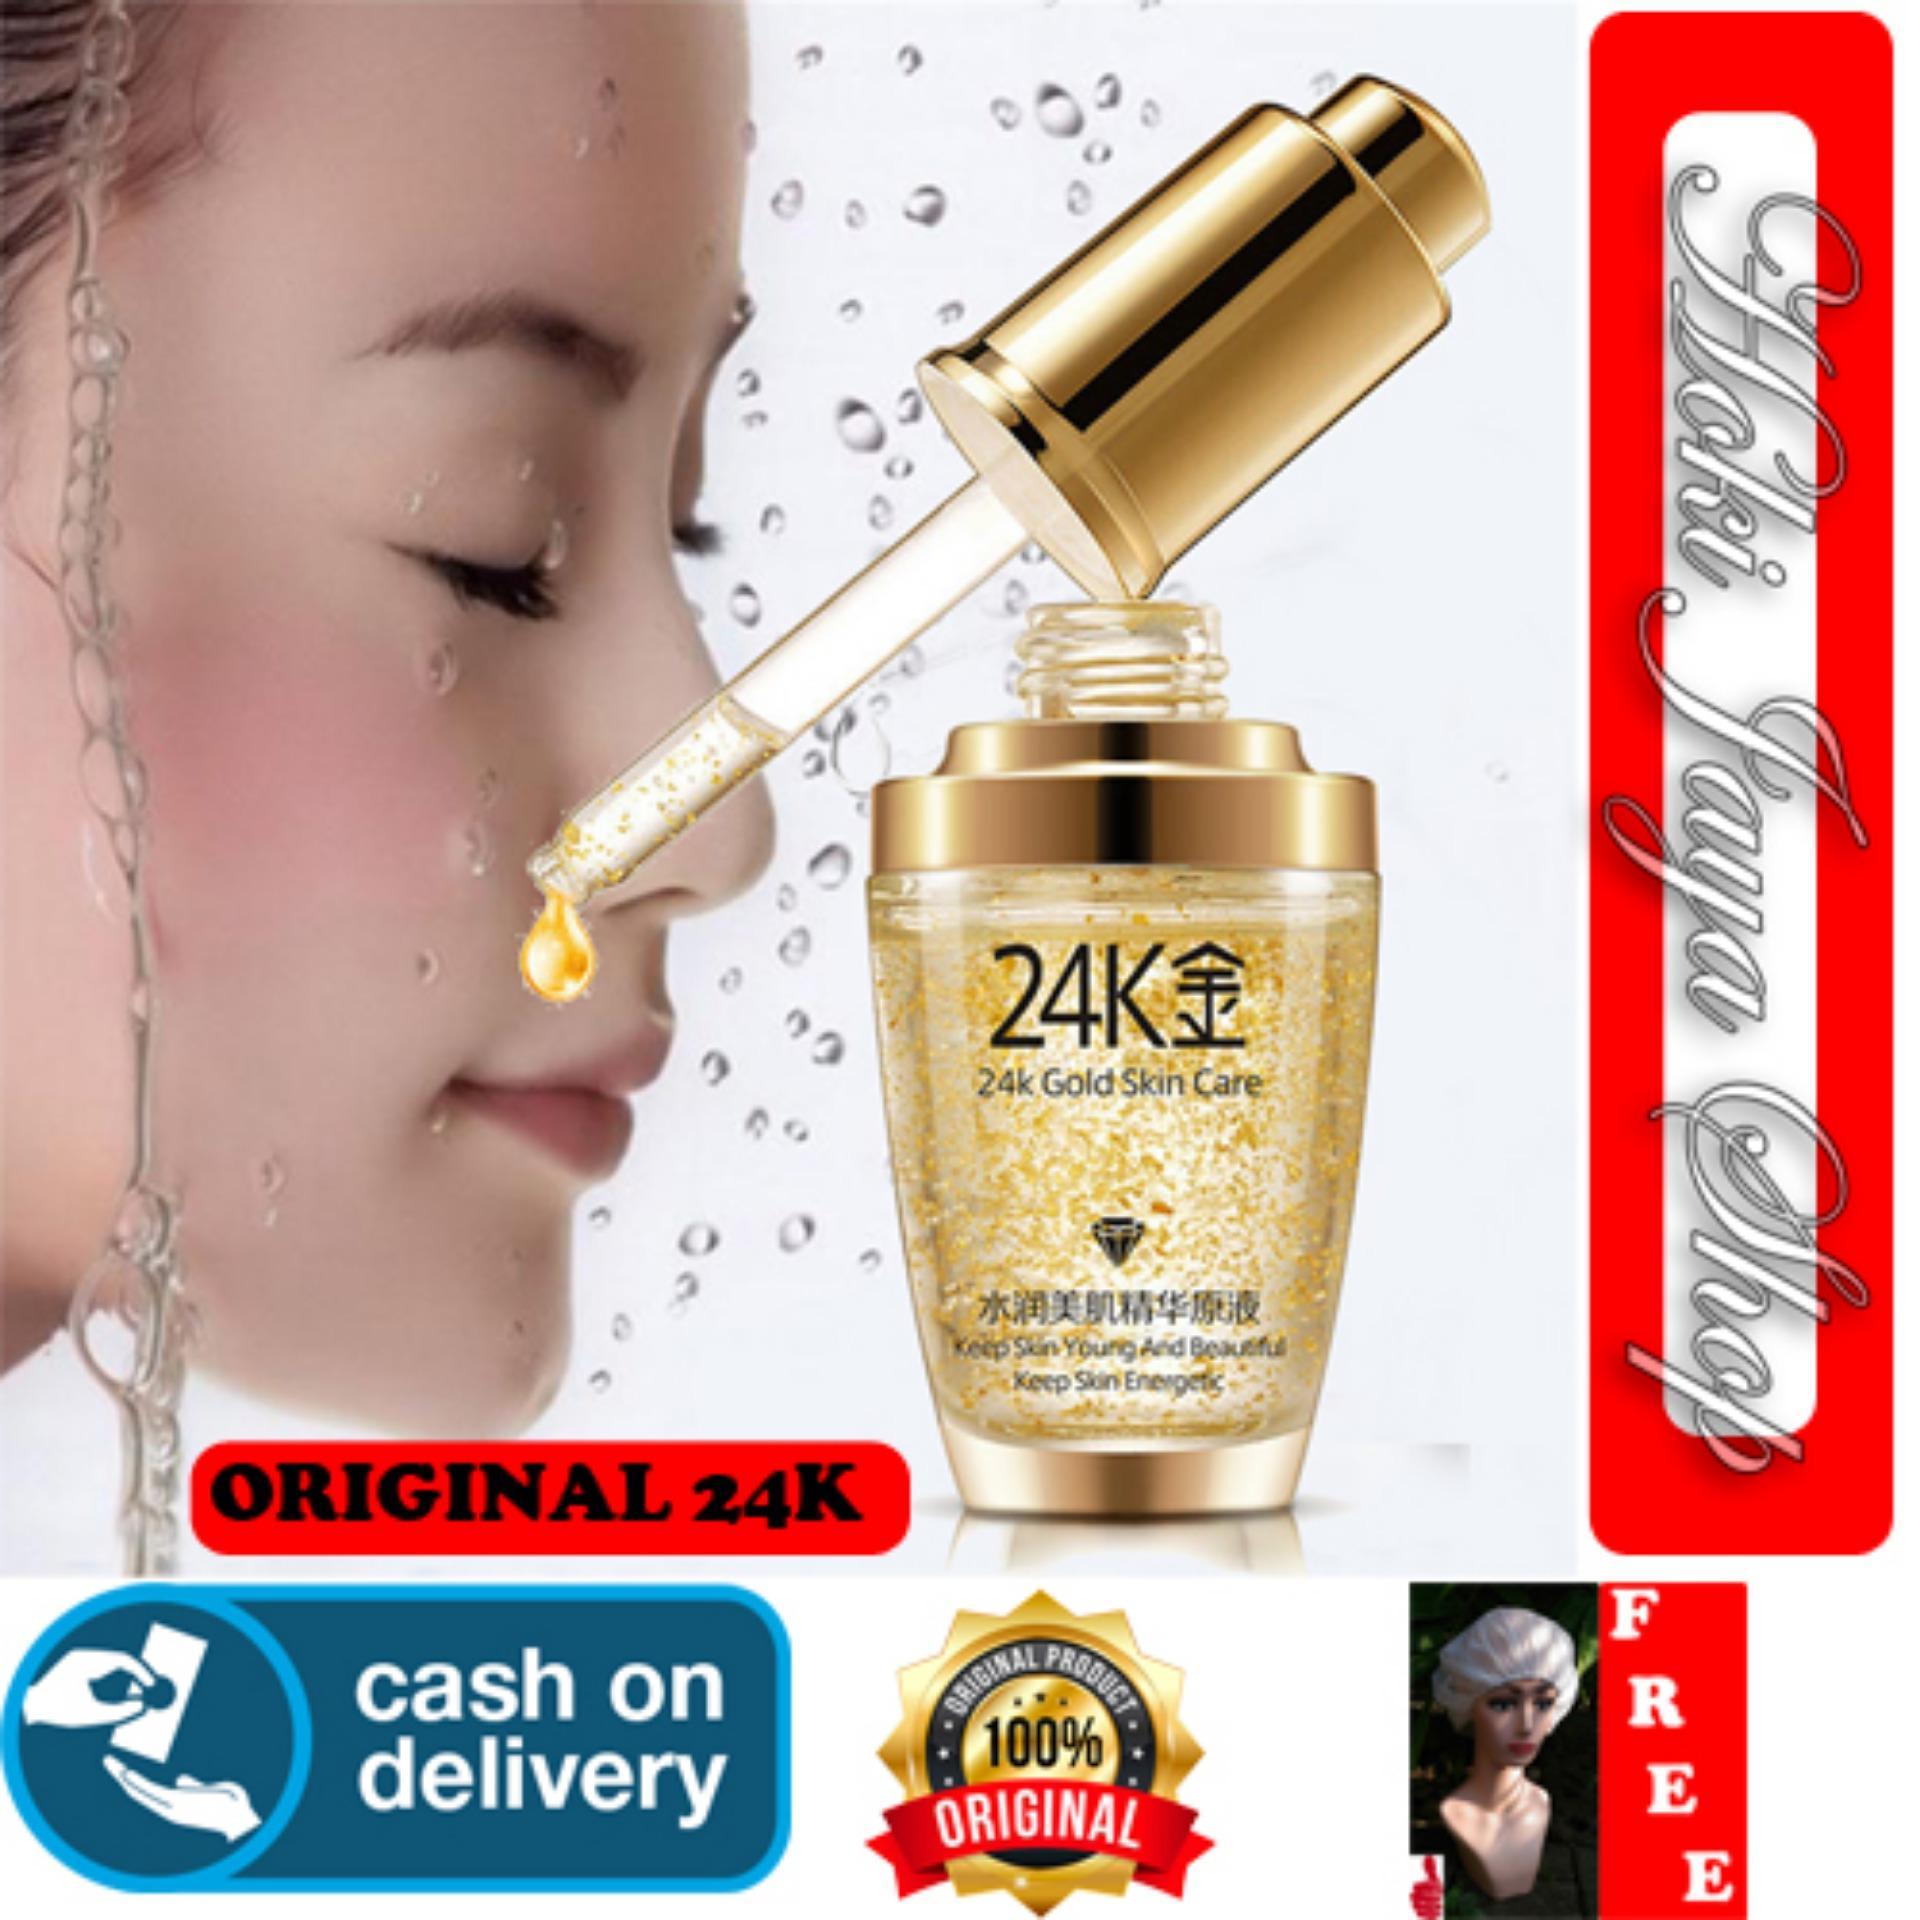 HOKI COD - Serum Wajah Emas 24K Bioaqua 24k Gold Bioaqua bb Cushion Skin Care Penghilang Kantung Mata dan Kerutan Wajah + Gratis Shower Cap Putih Premium